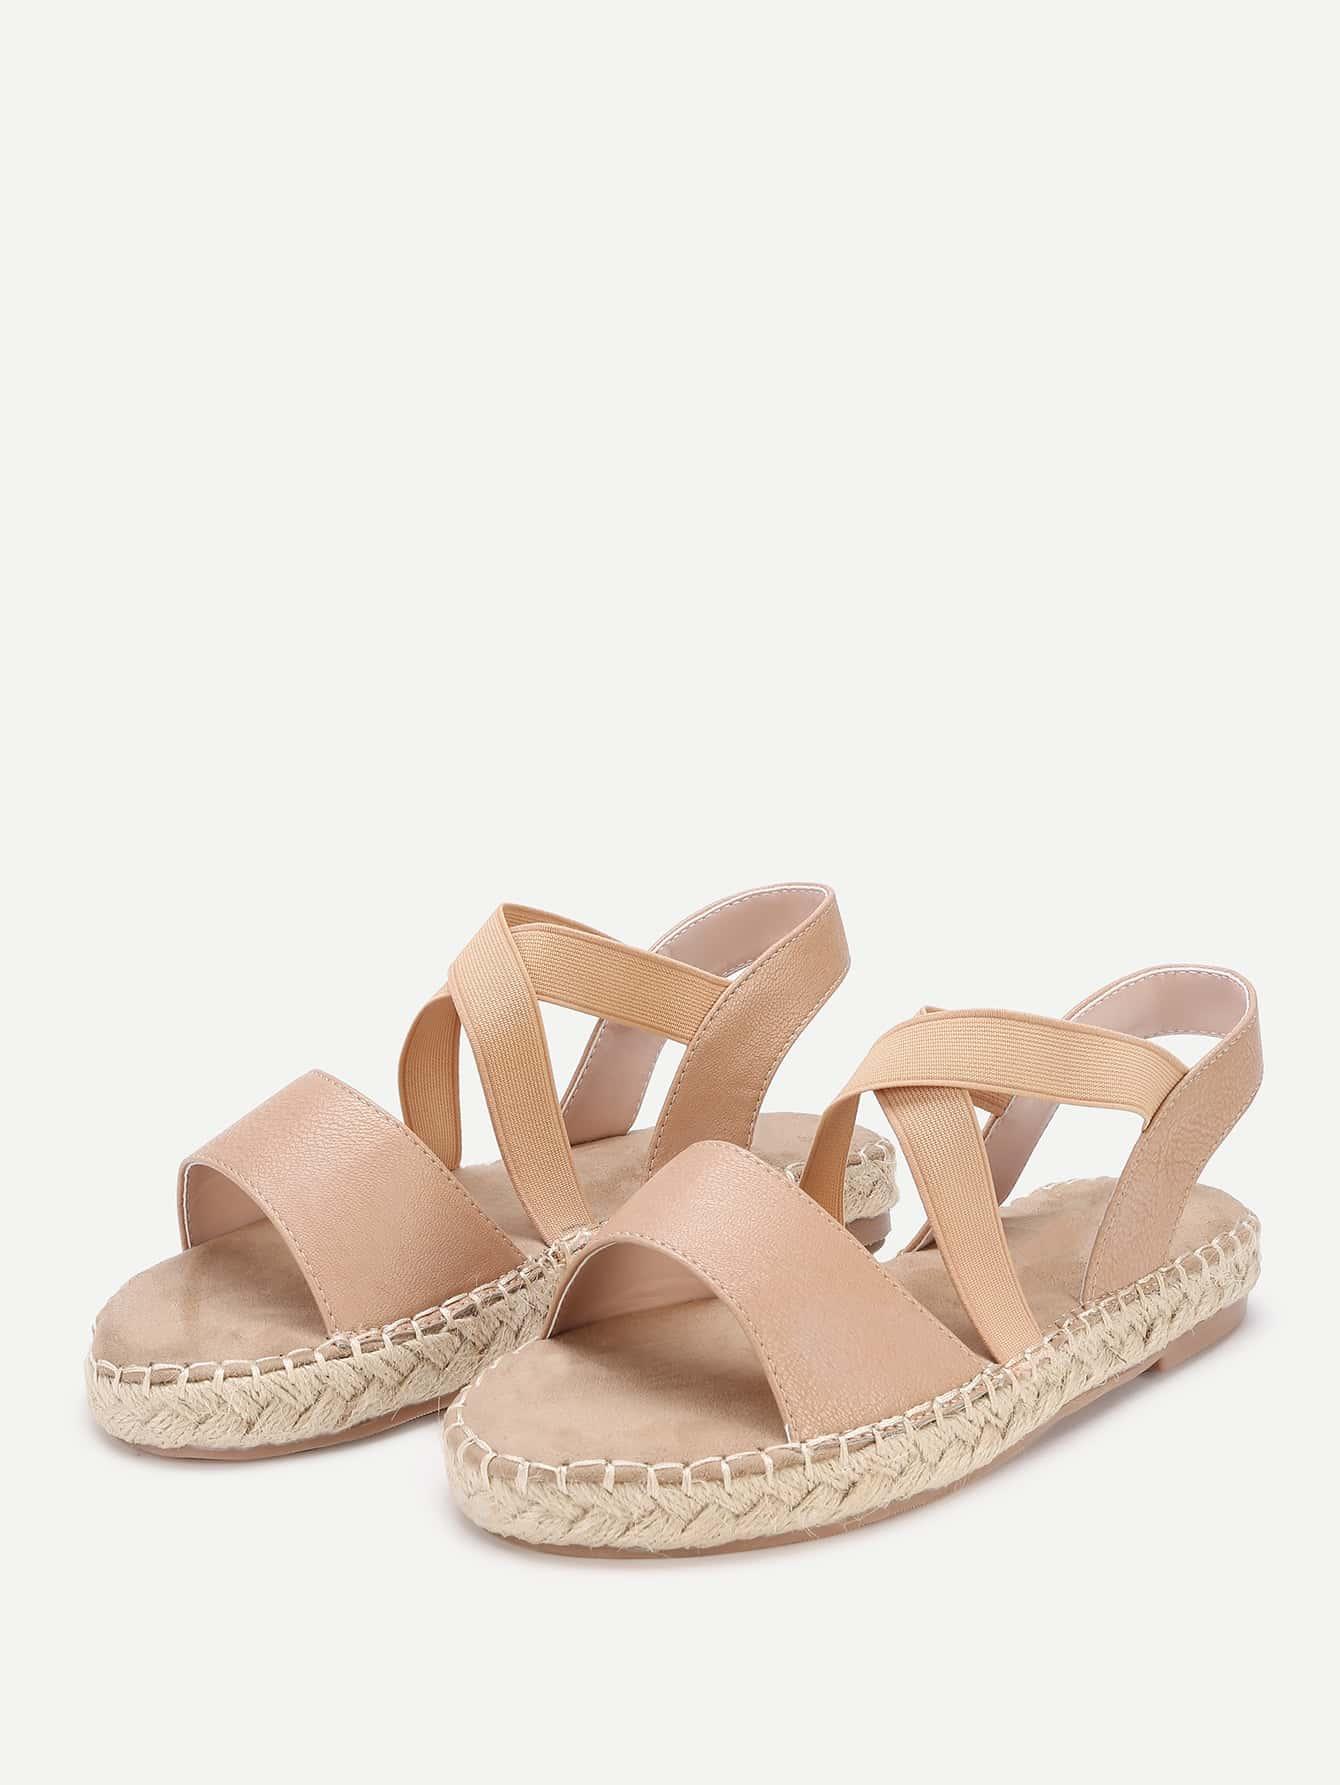 shoes170501803_2